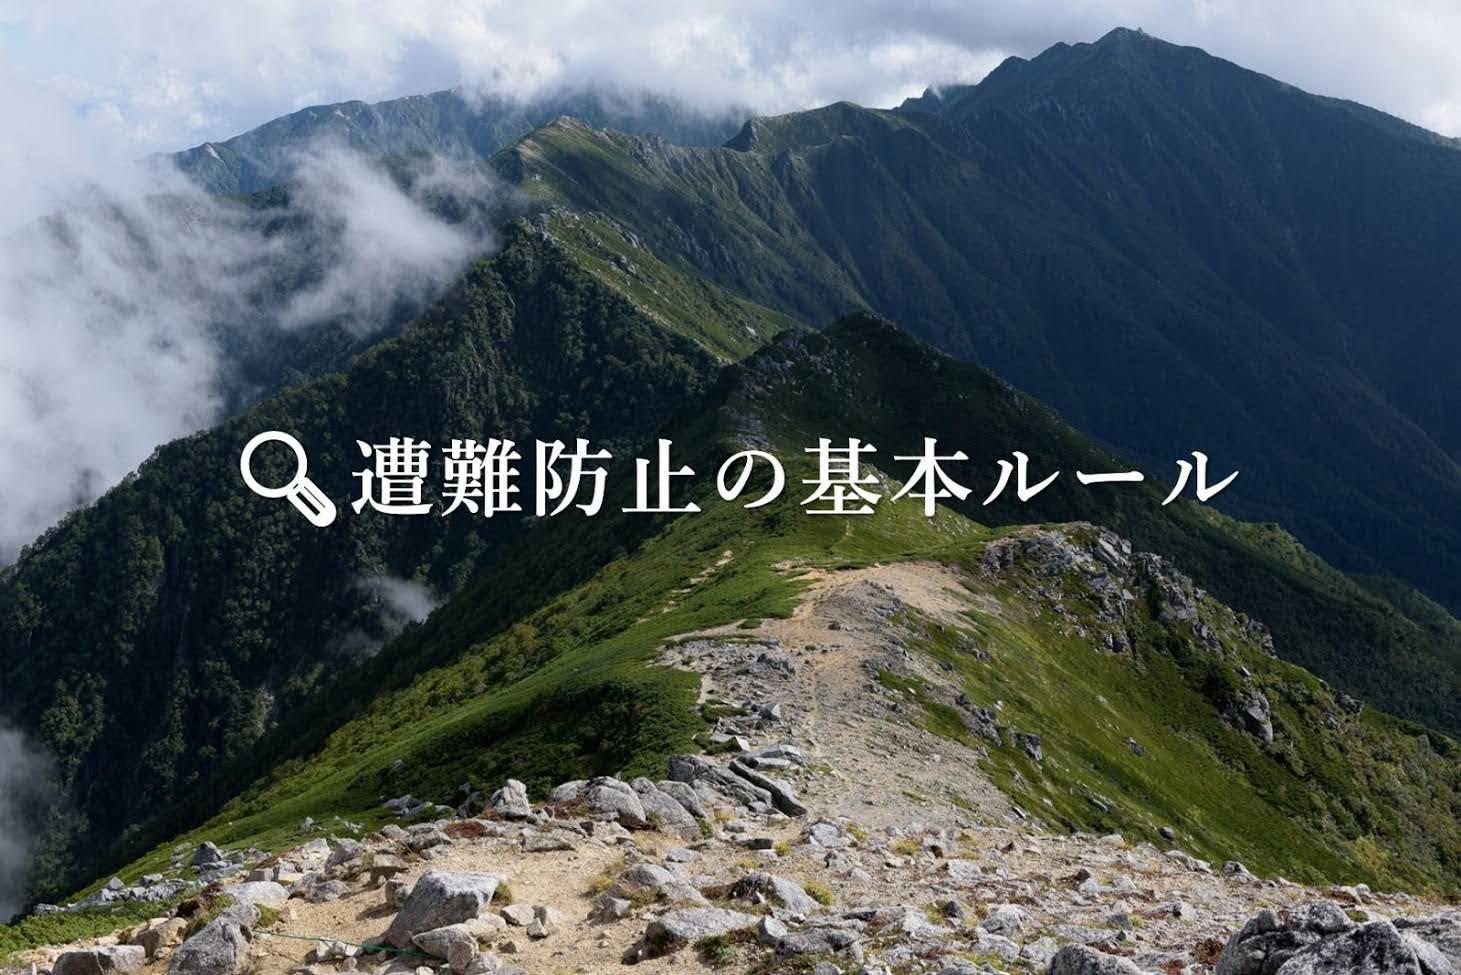 登山で遭難しないために知っておきたい「道迷いの基本ルール」